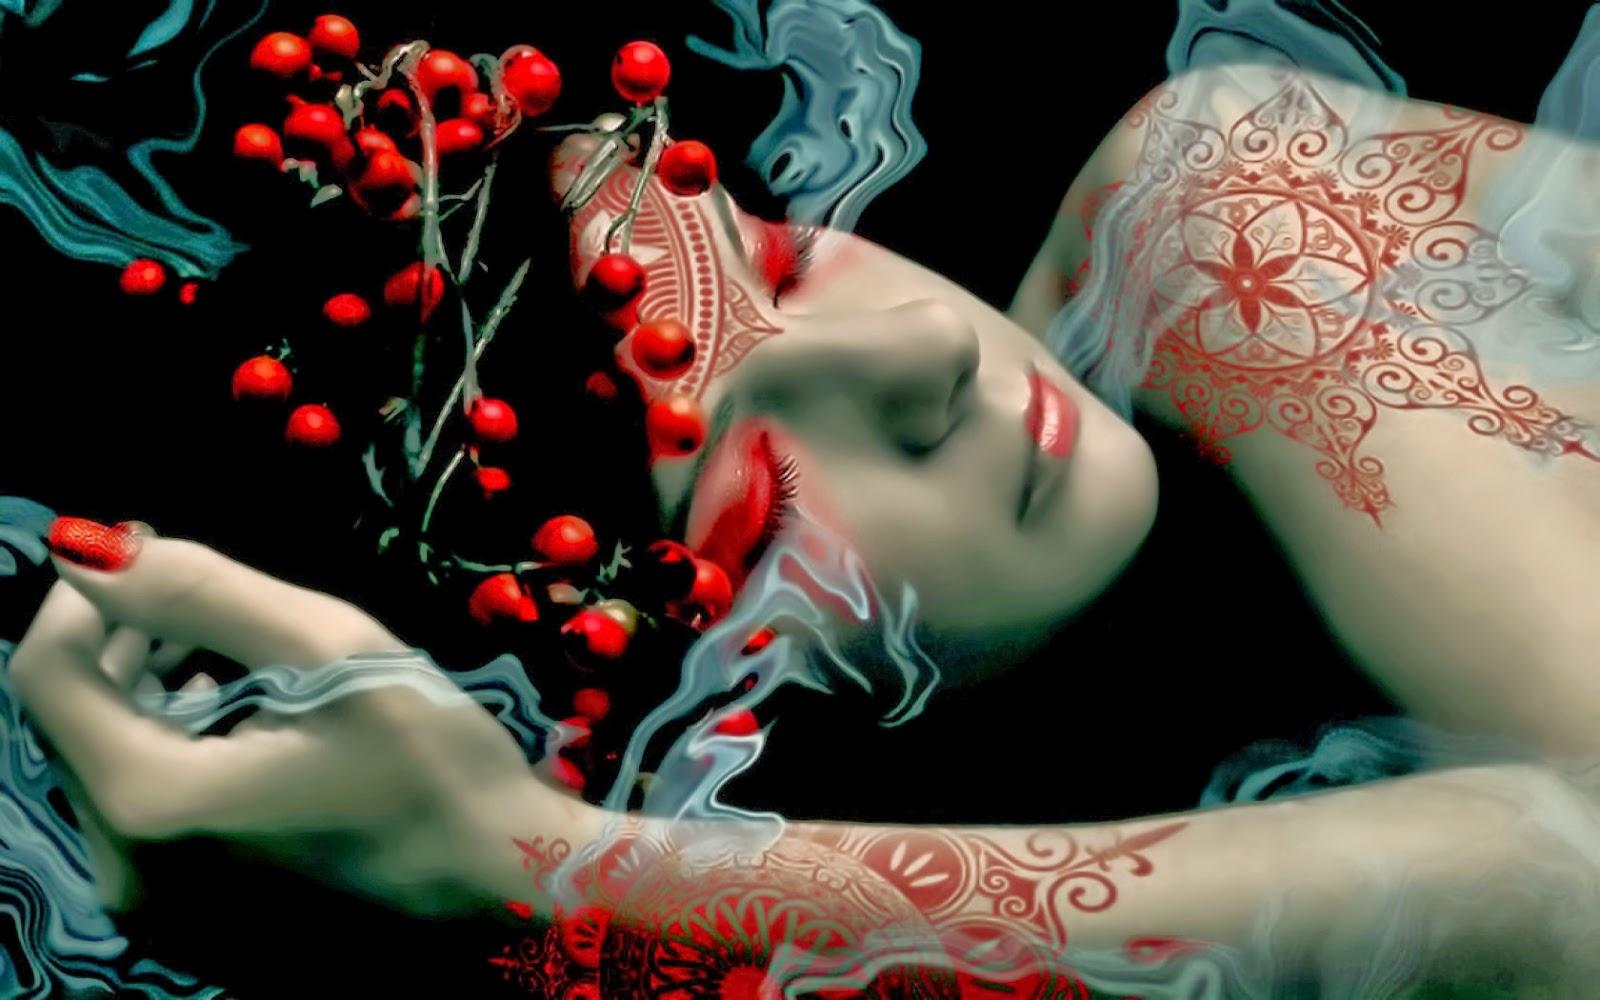 Free Download Tattoo Wallpaper Tattoo Wallpaper 2014 Tattoo